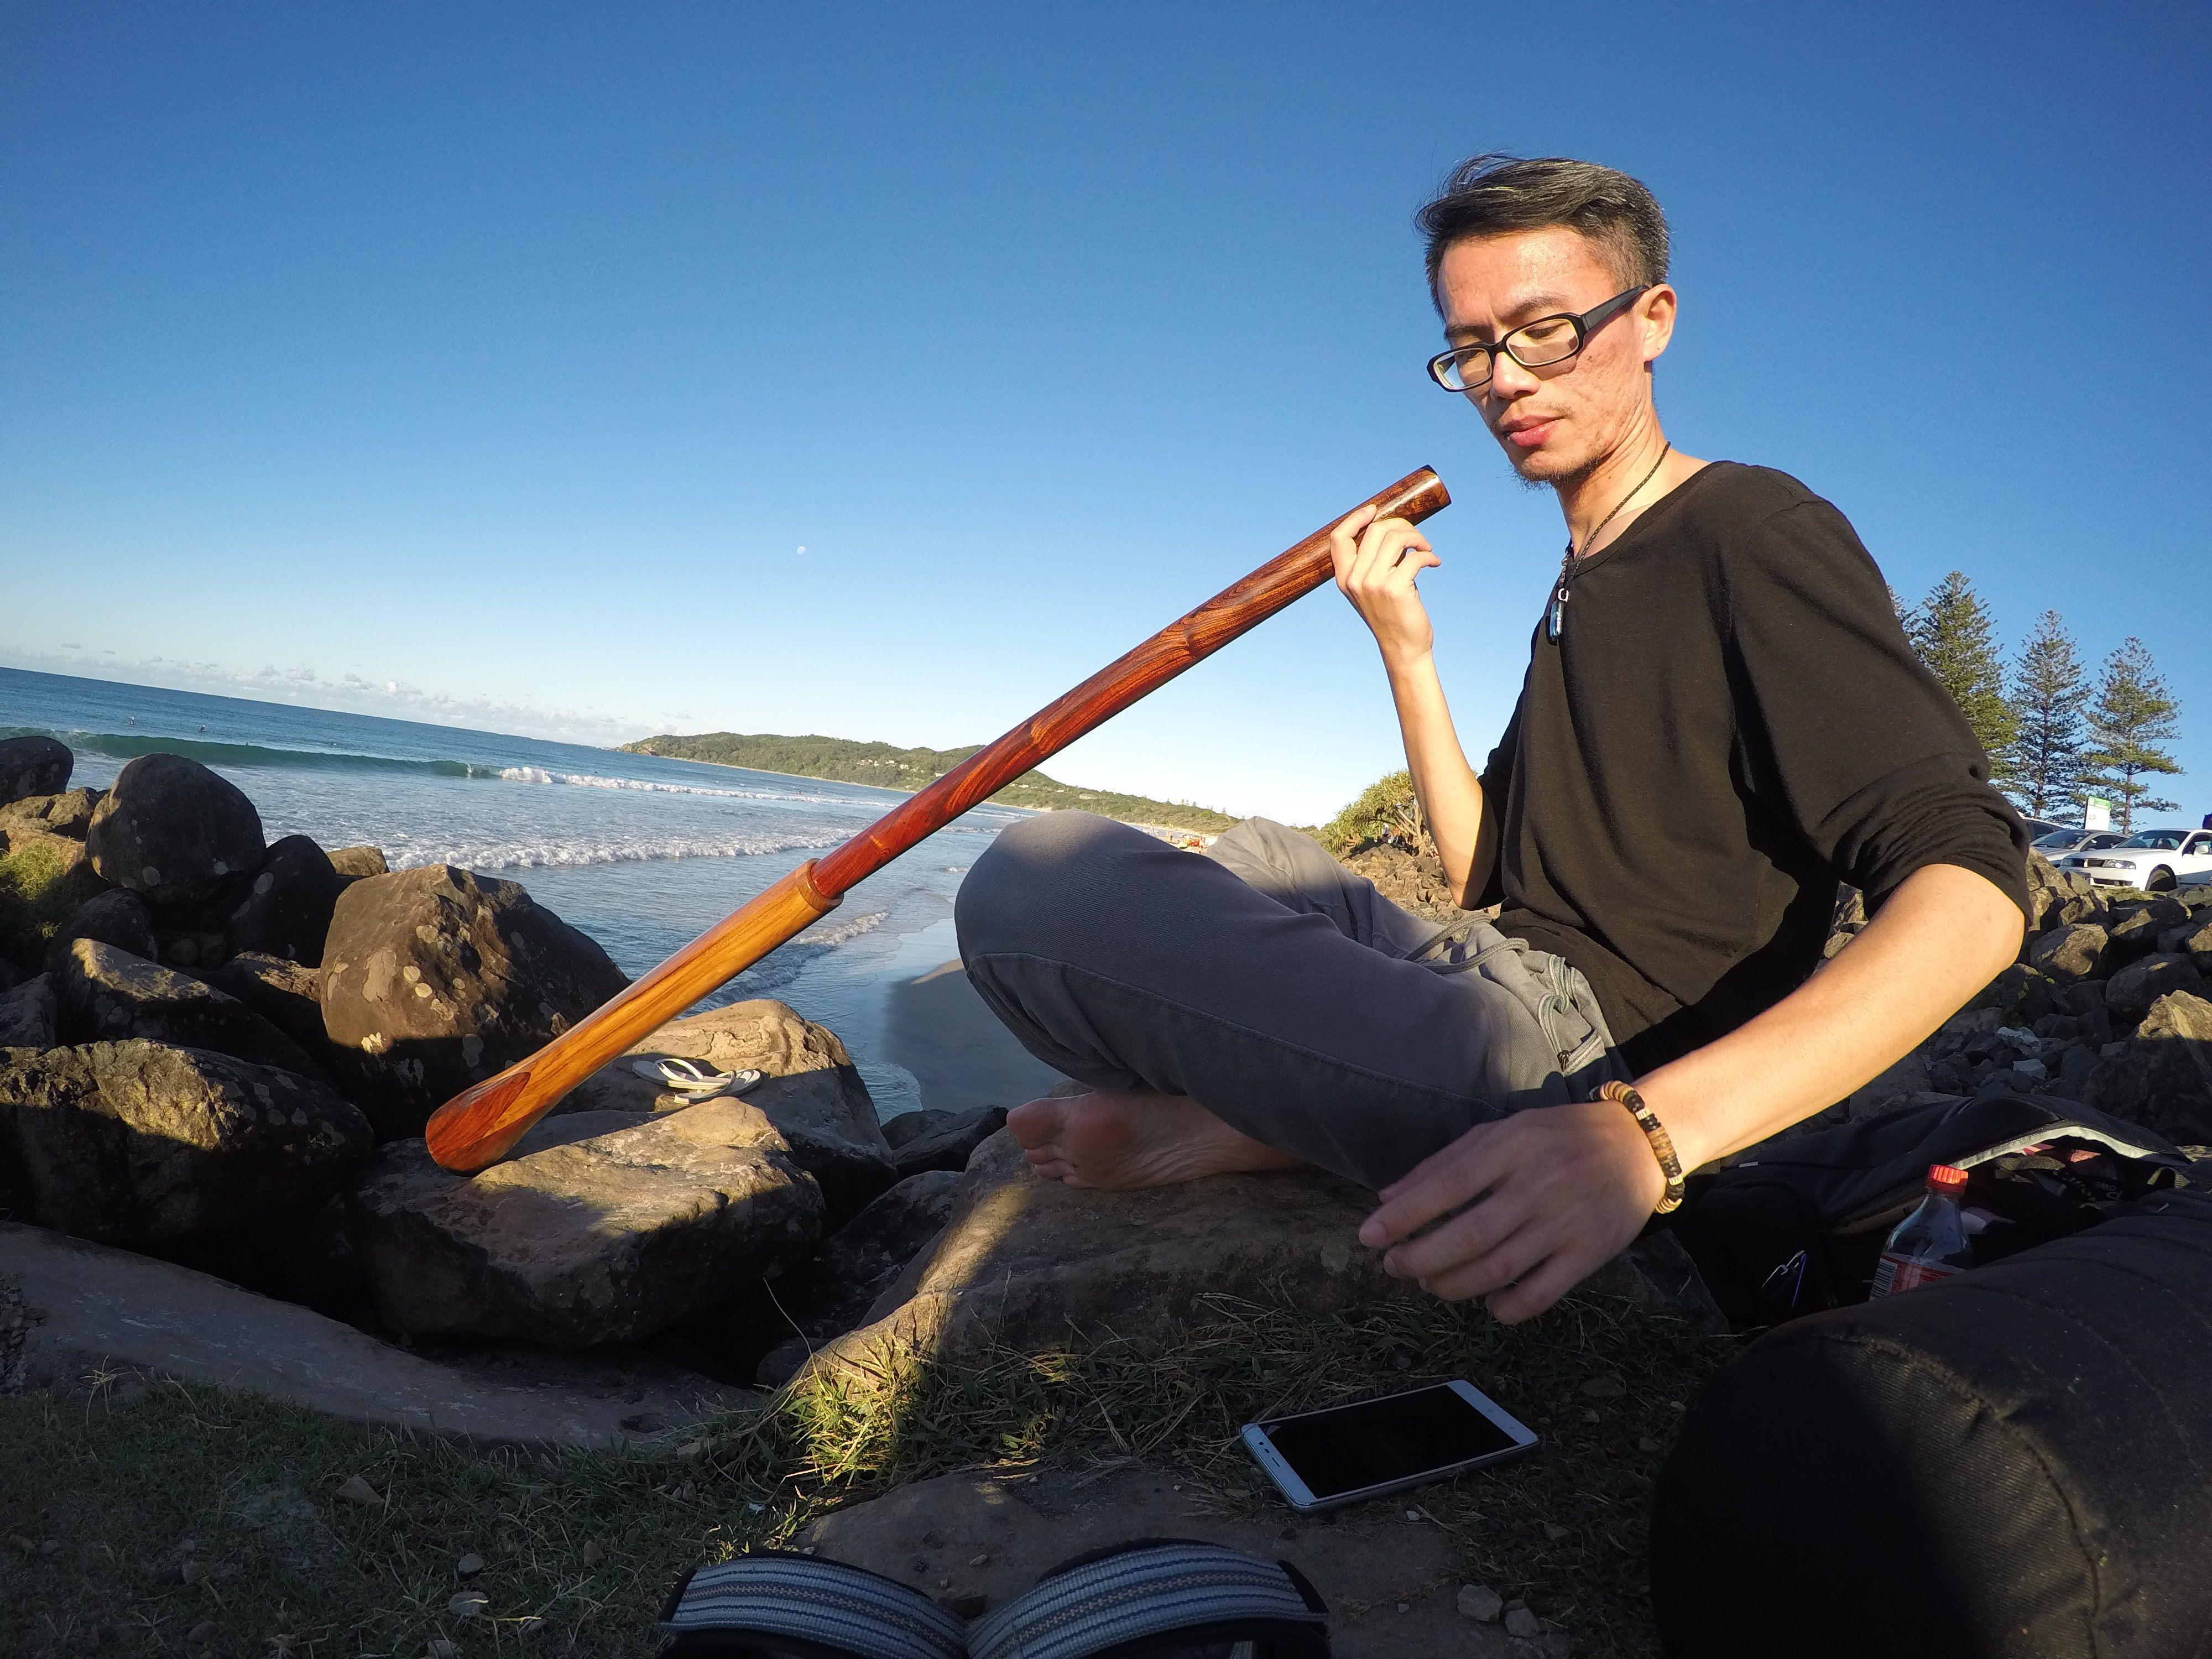 照片:林慶洲 ∣ 澳洲吹管Didgeridoo